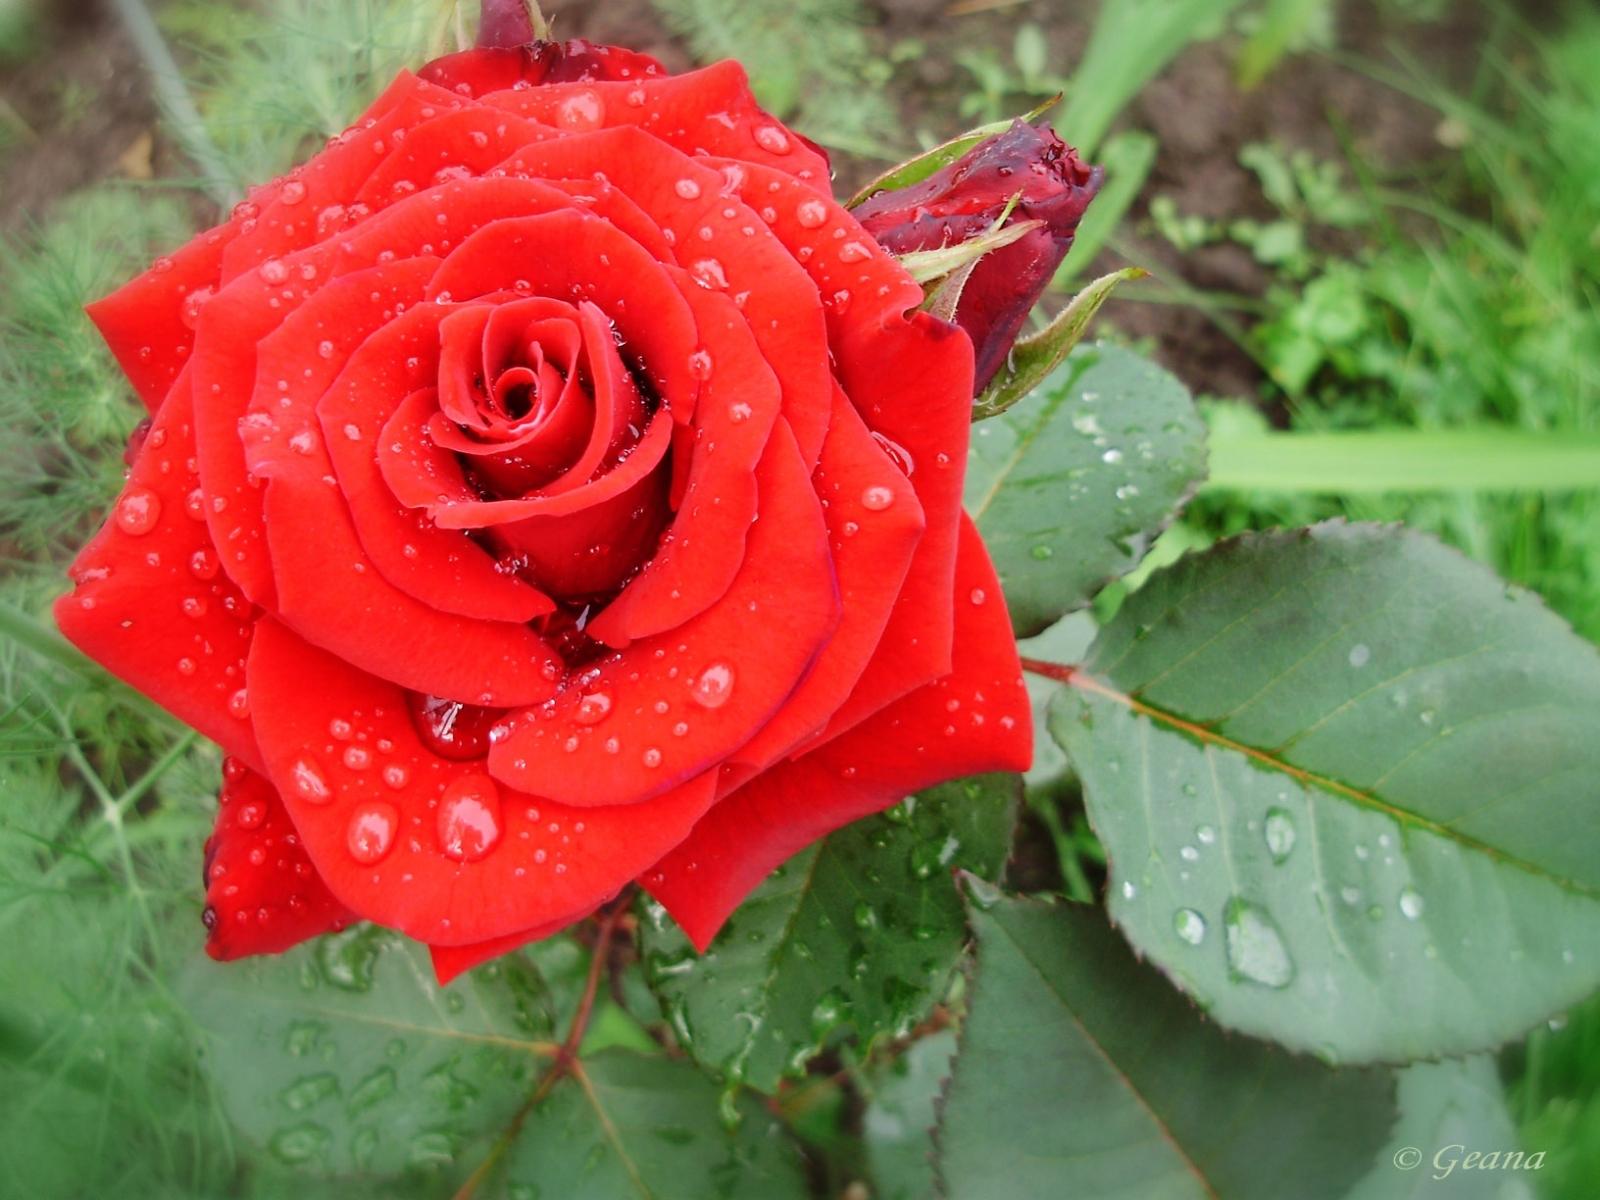 9463 Заставки и Обои 8 Марта на телефон. Скачать Праздники, Растения, Цветы, Розы, 8 Марта картинки бесплатно